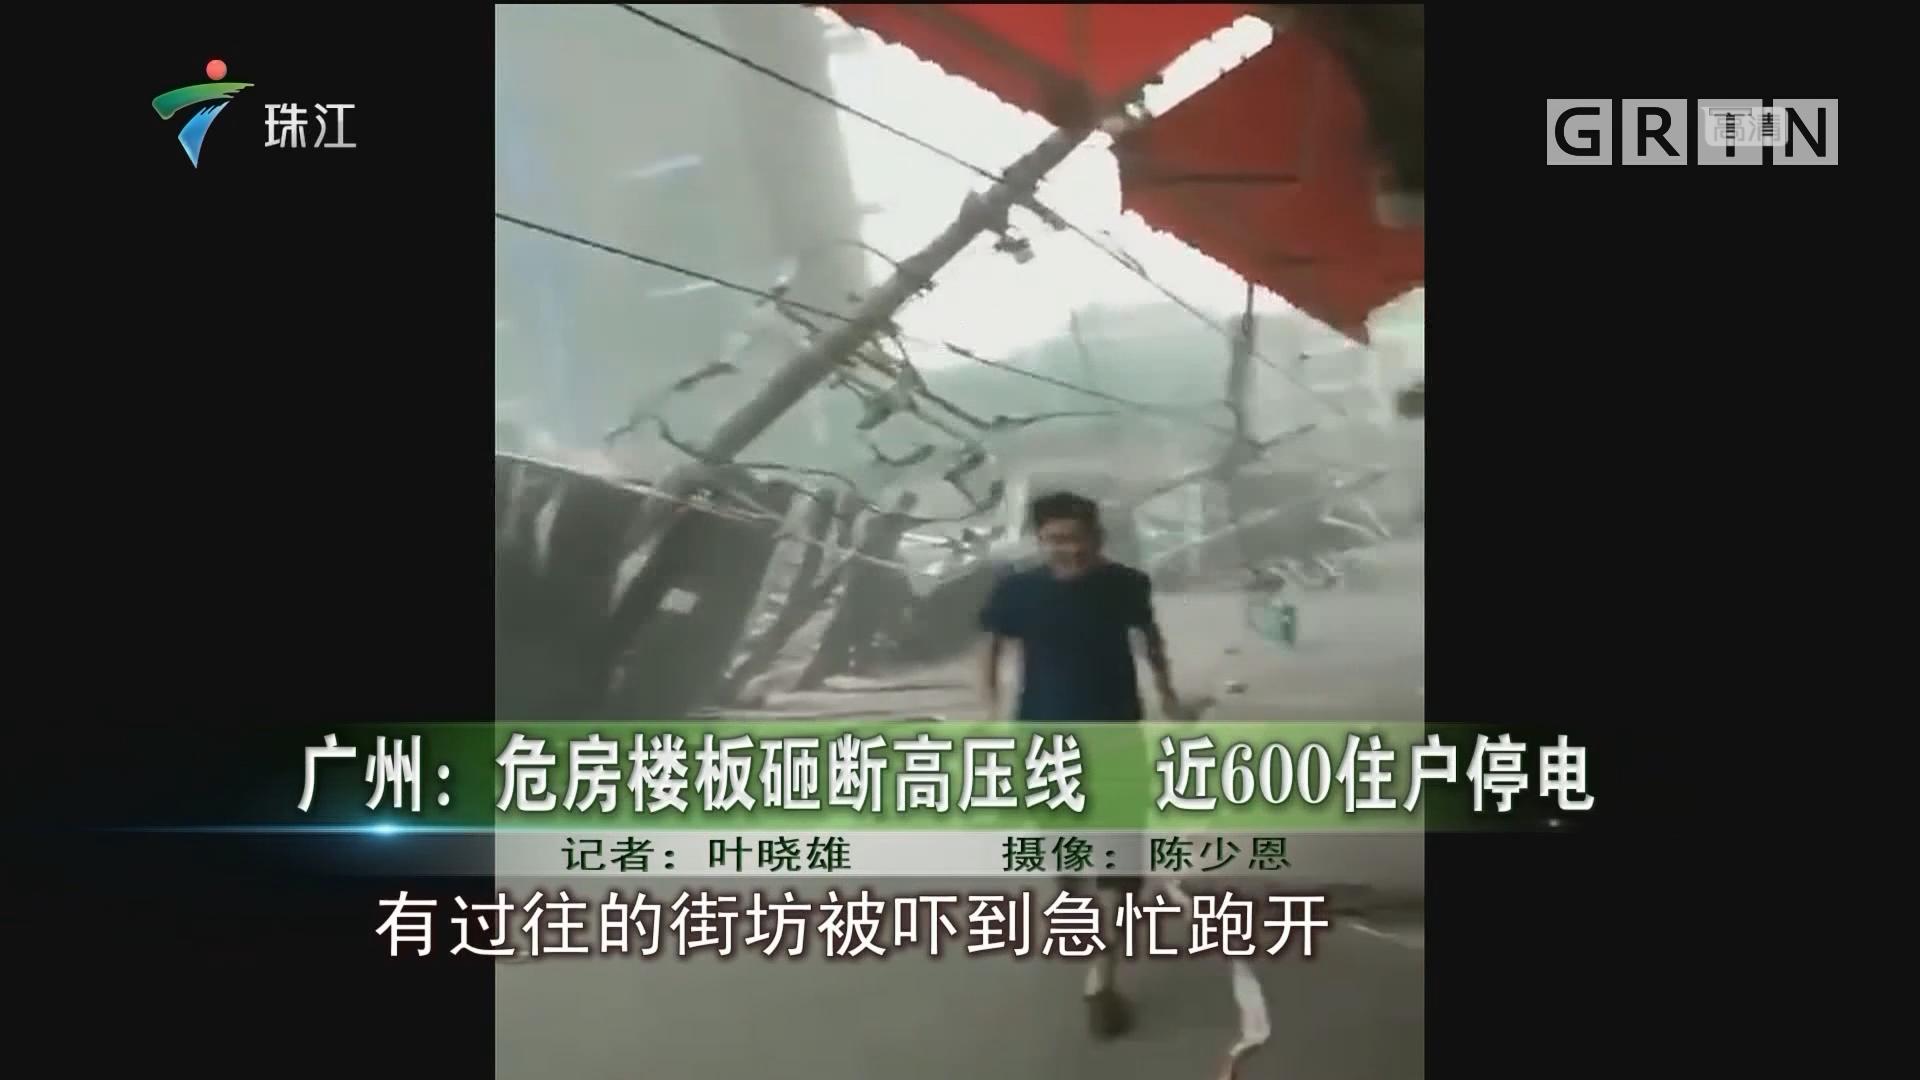 广州:危房楼板砸断高压线 近600住户停电